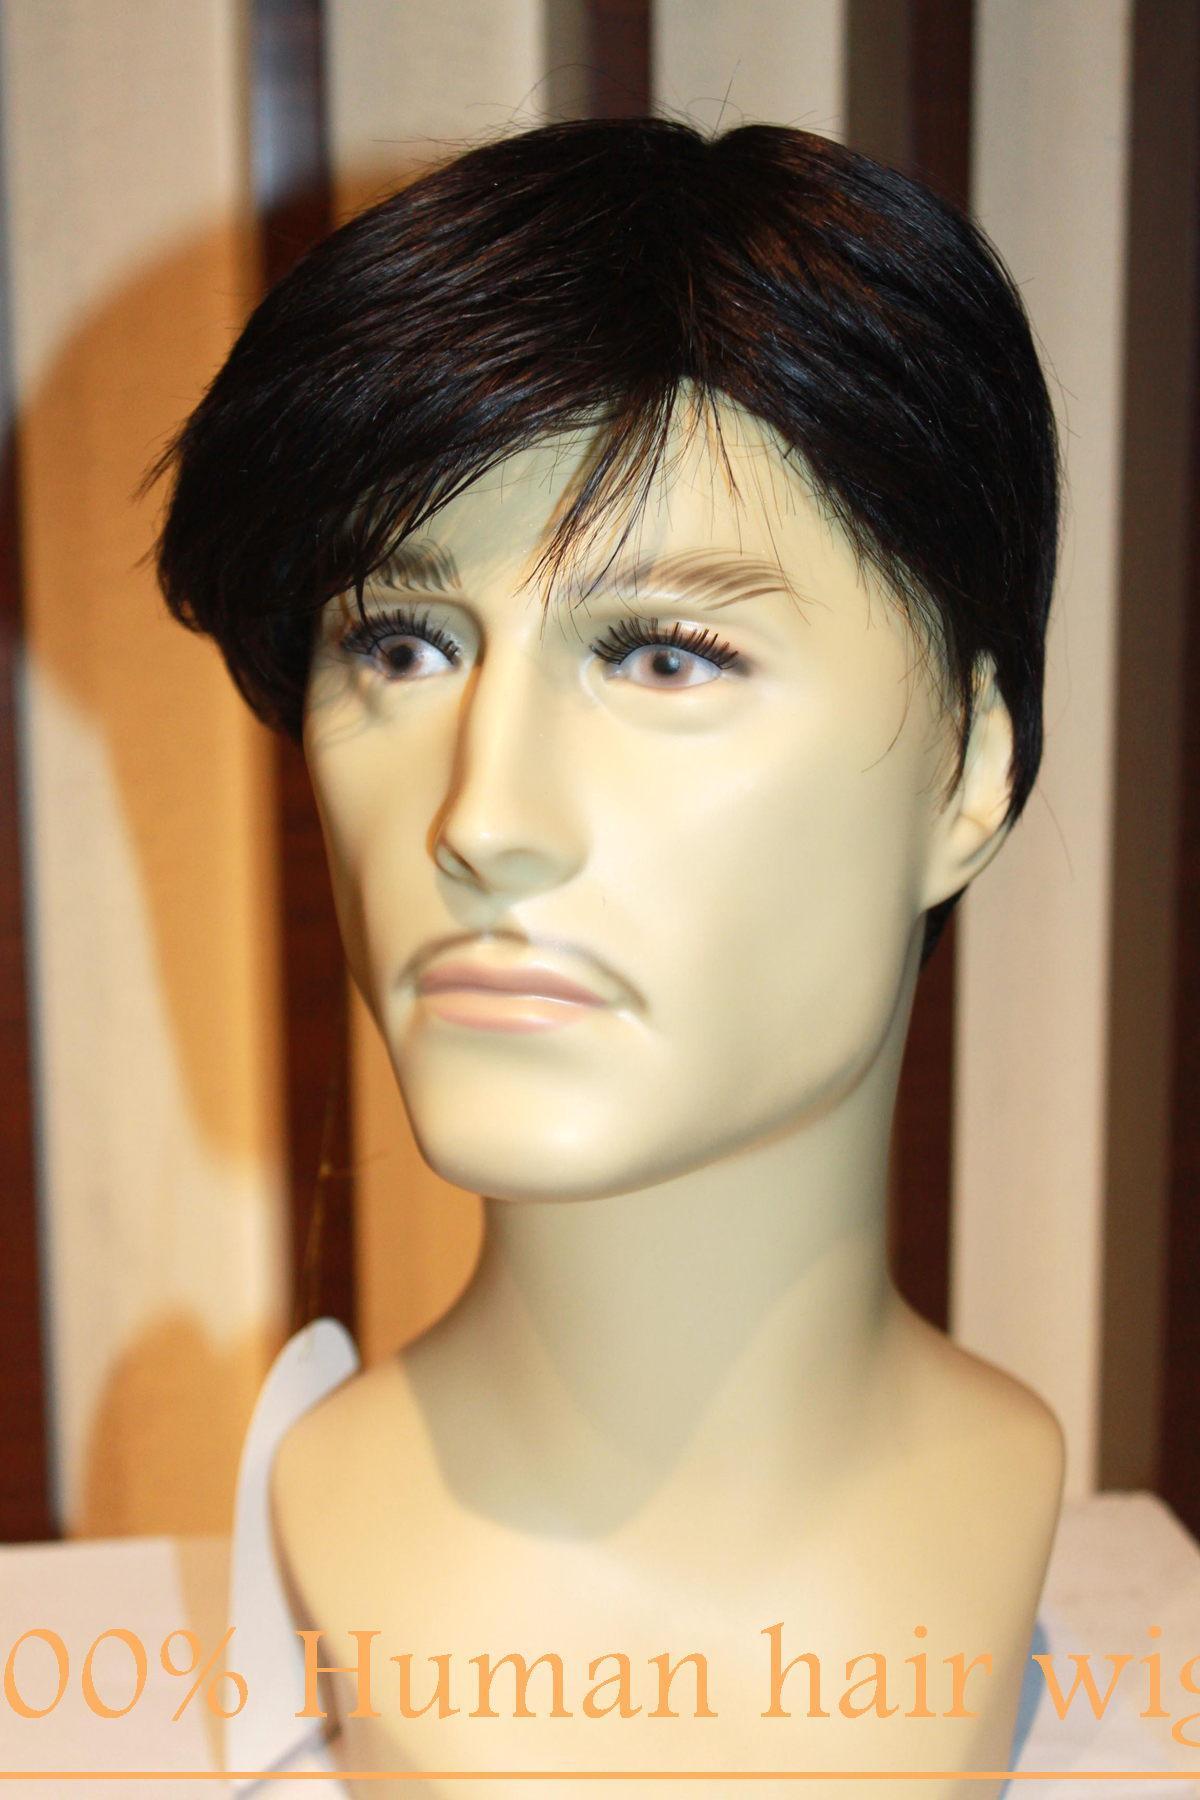 100% echte natürliche Menschenhaar Männer kurze Perücken volle schwarze Perücke Haarteil Perücke RJ-412